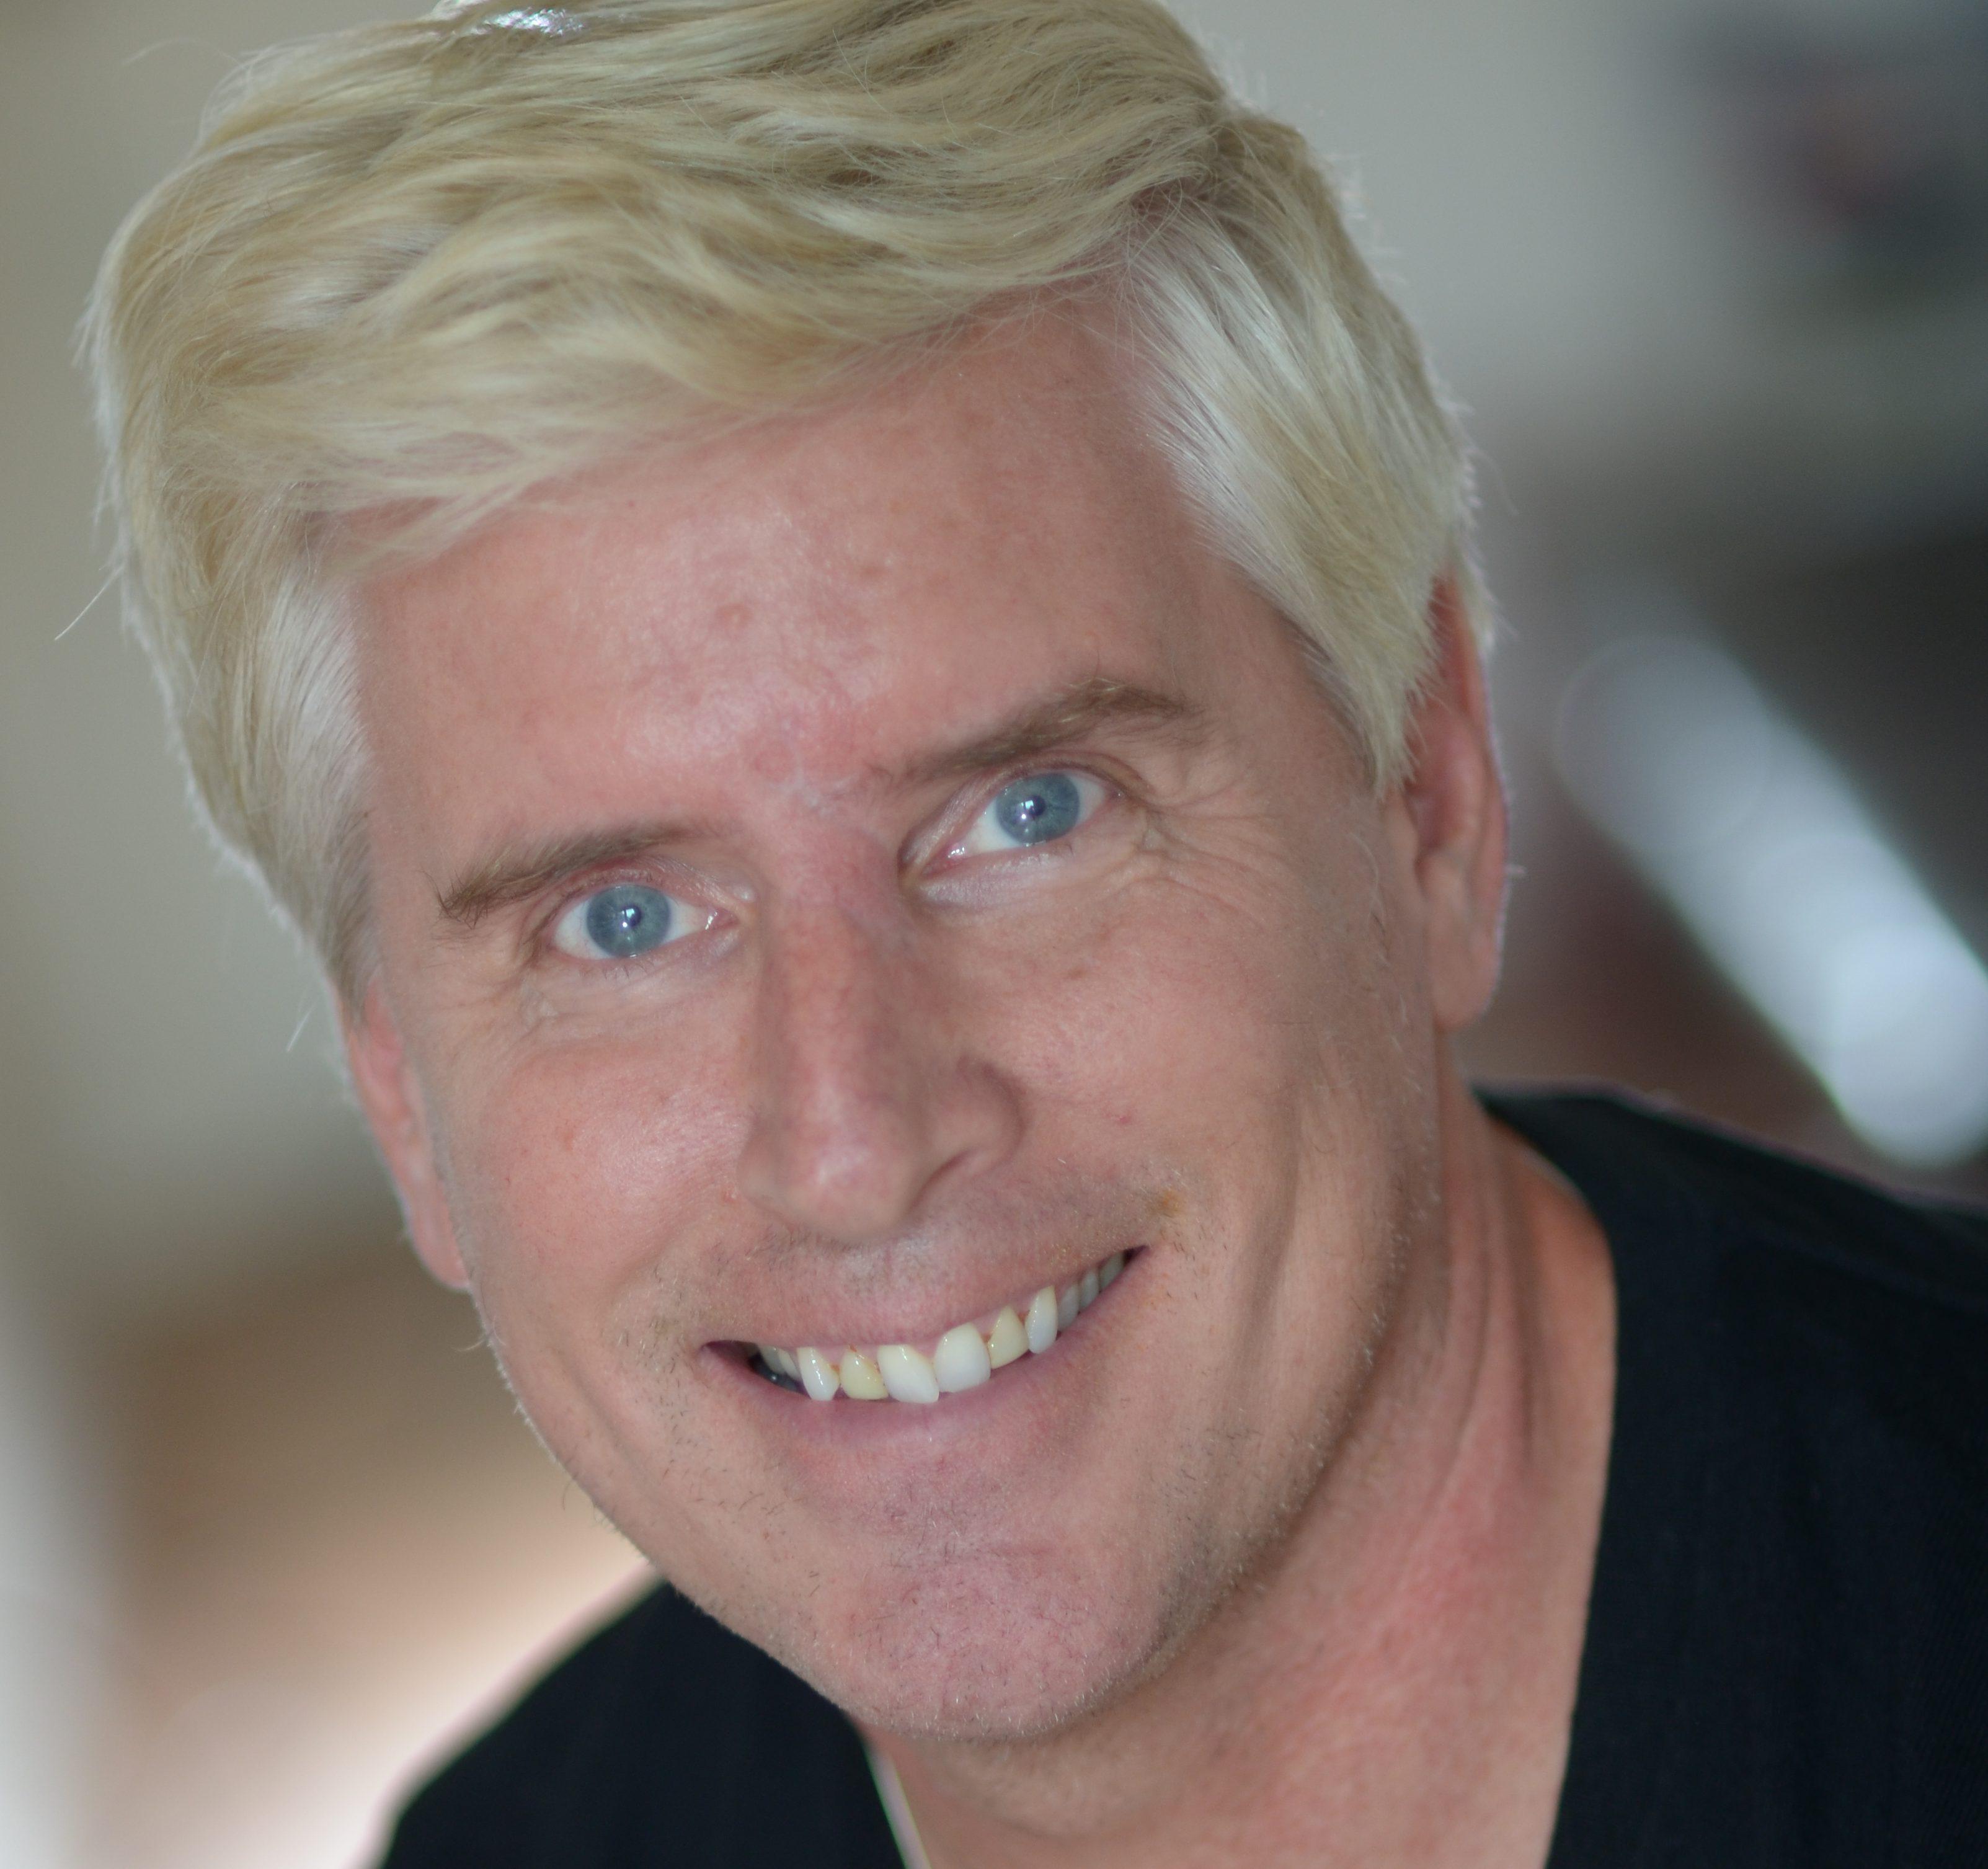 Mitch Rustad